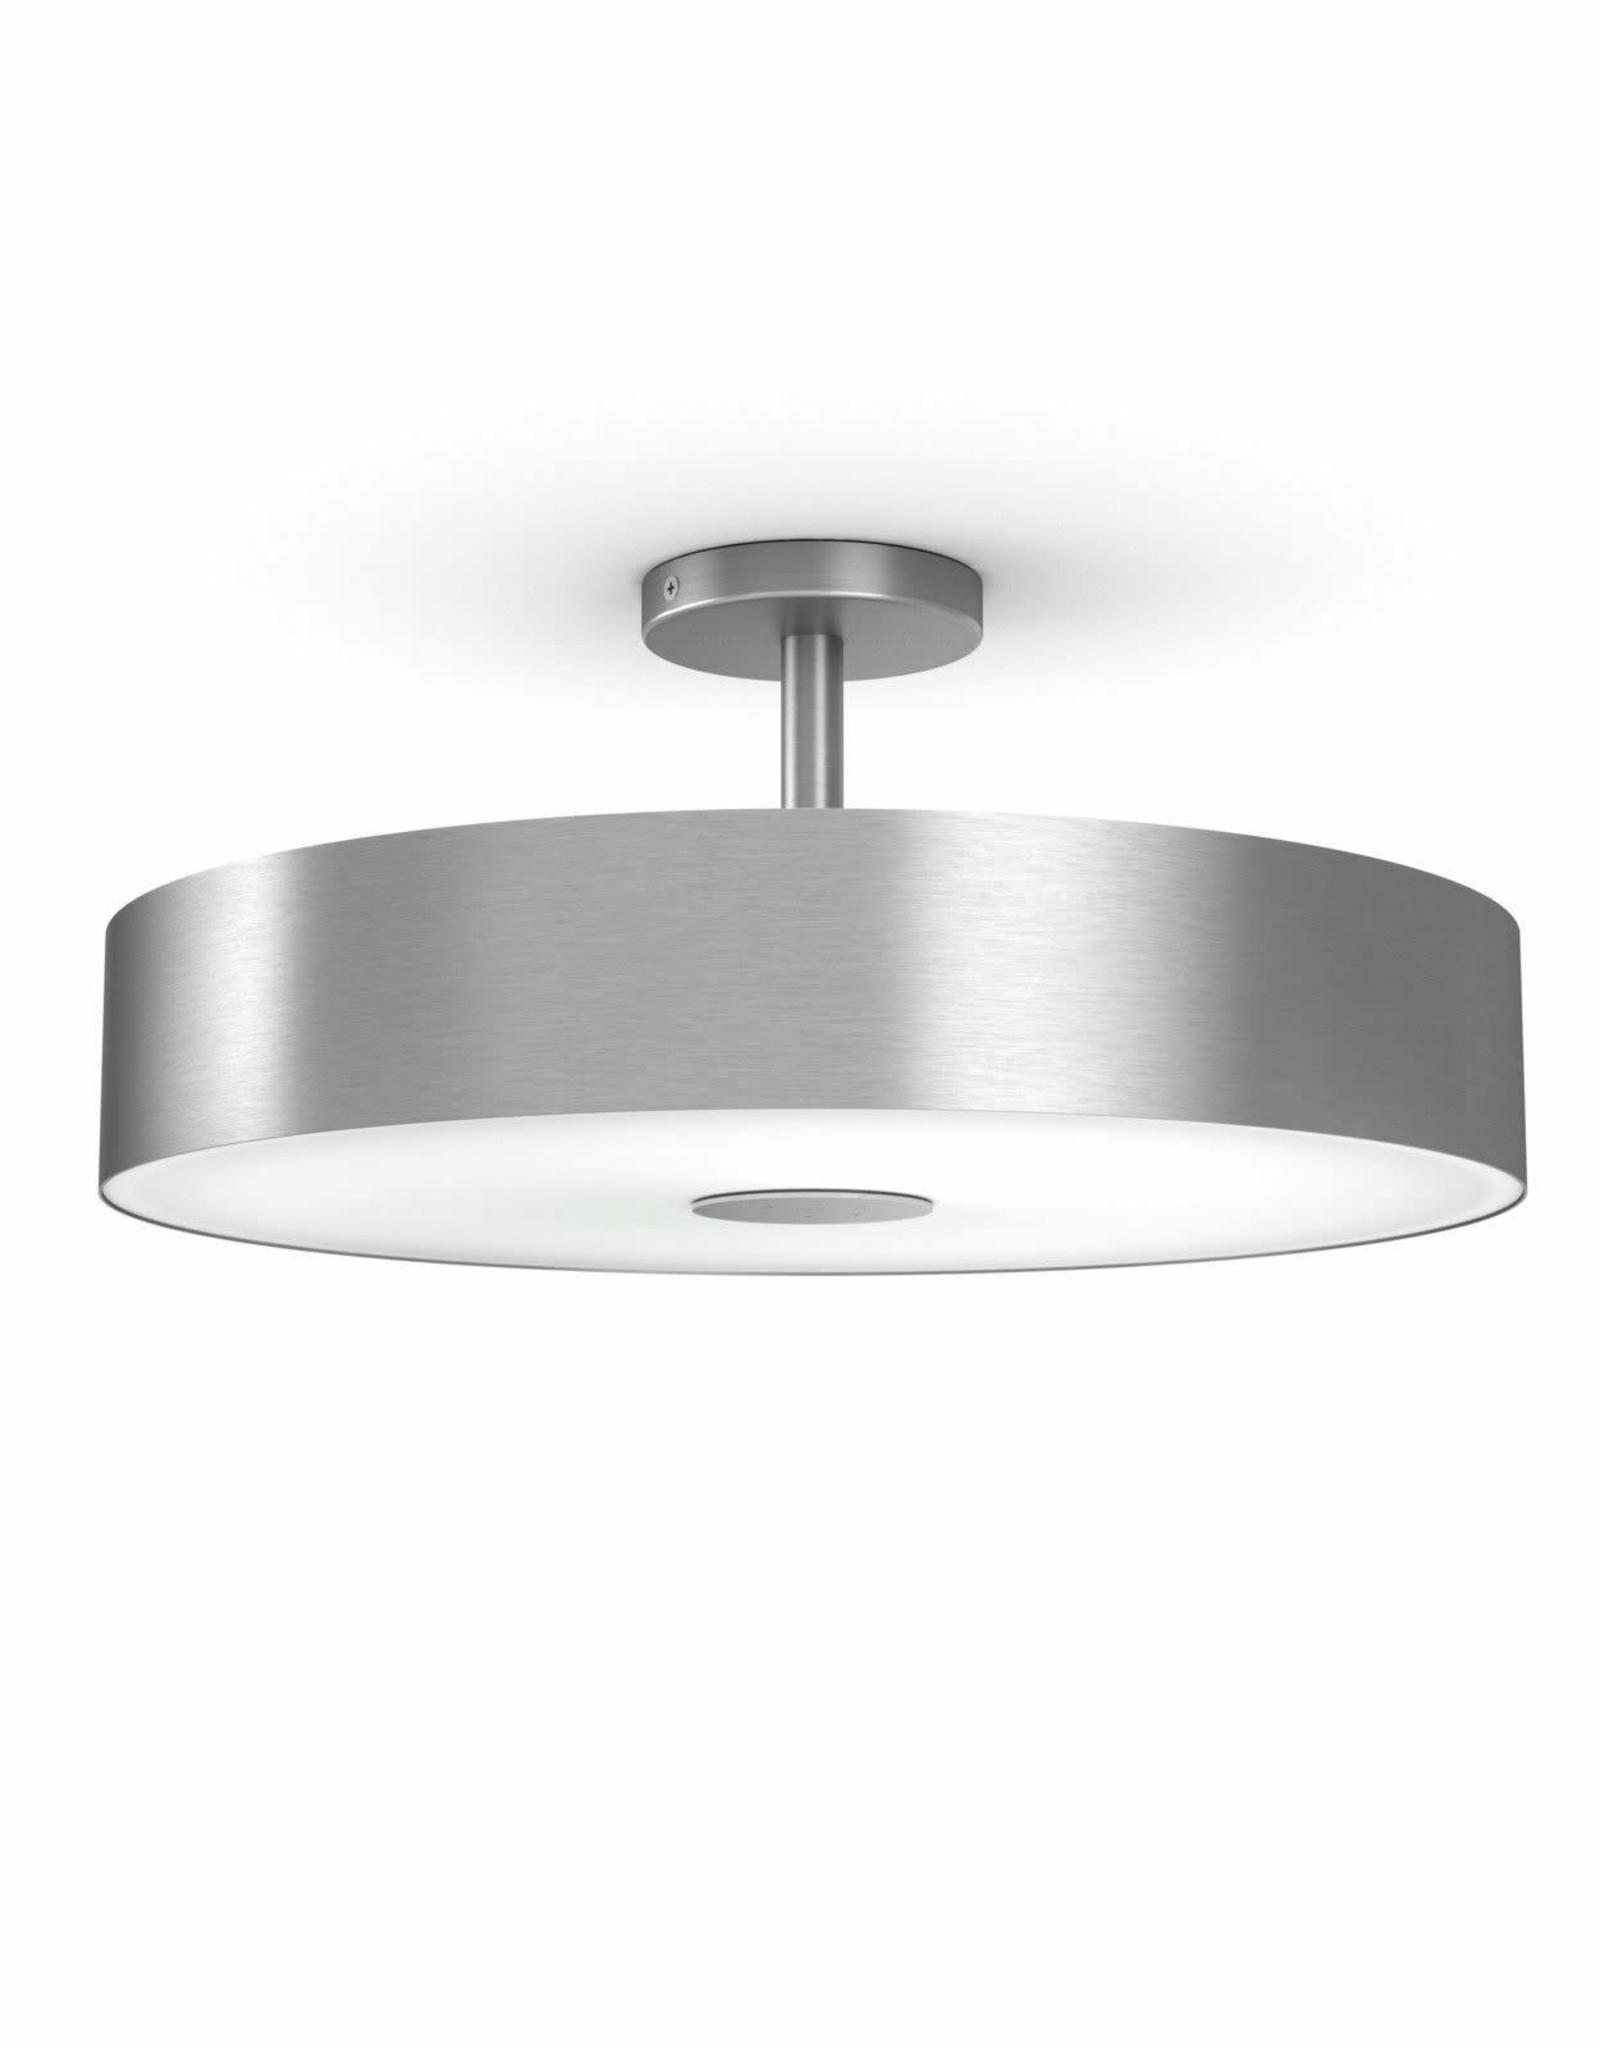 Philips Hue Philips Hue | Huefair Ceiling Lamp Aluminium Semi-Flushmount Light | 4100148u7